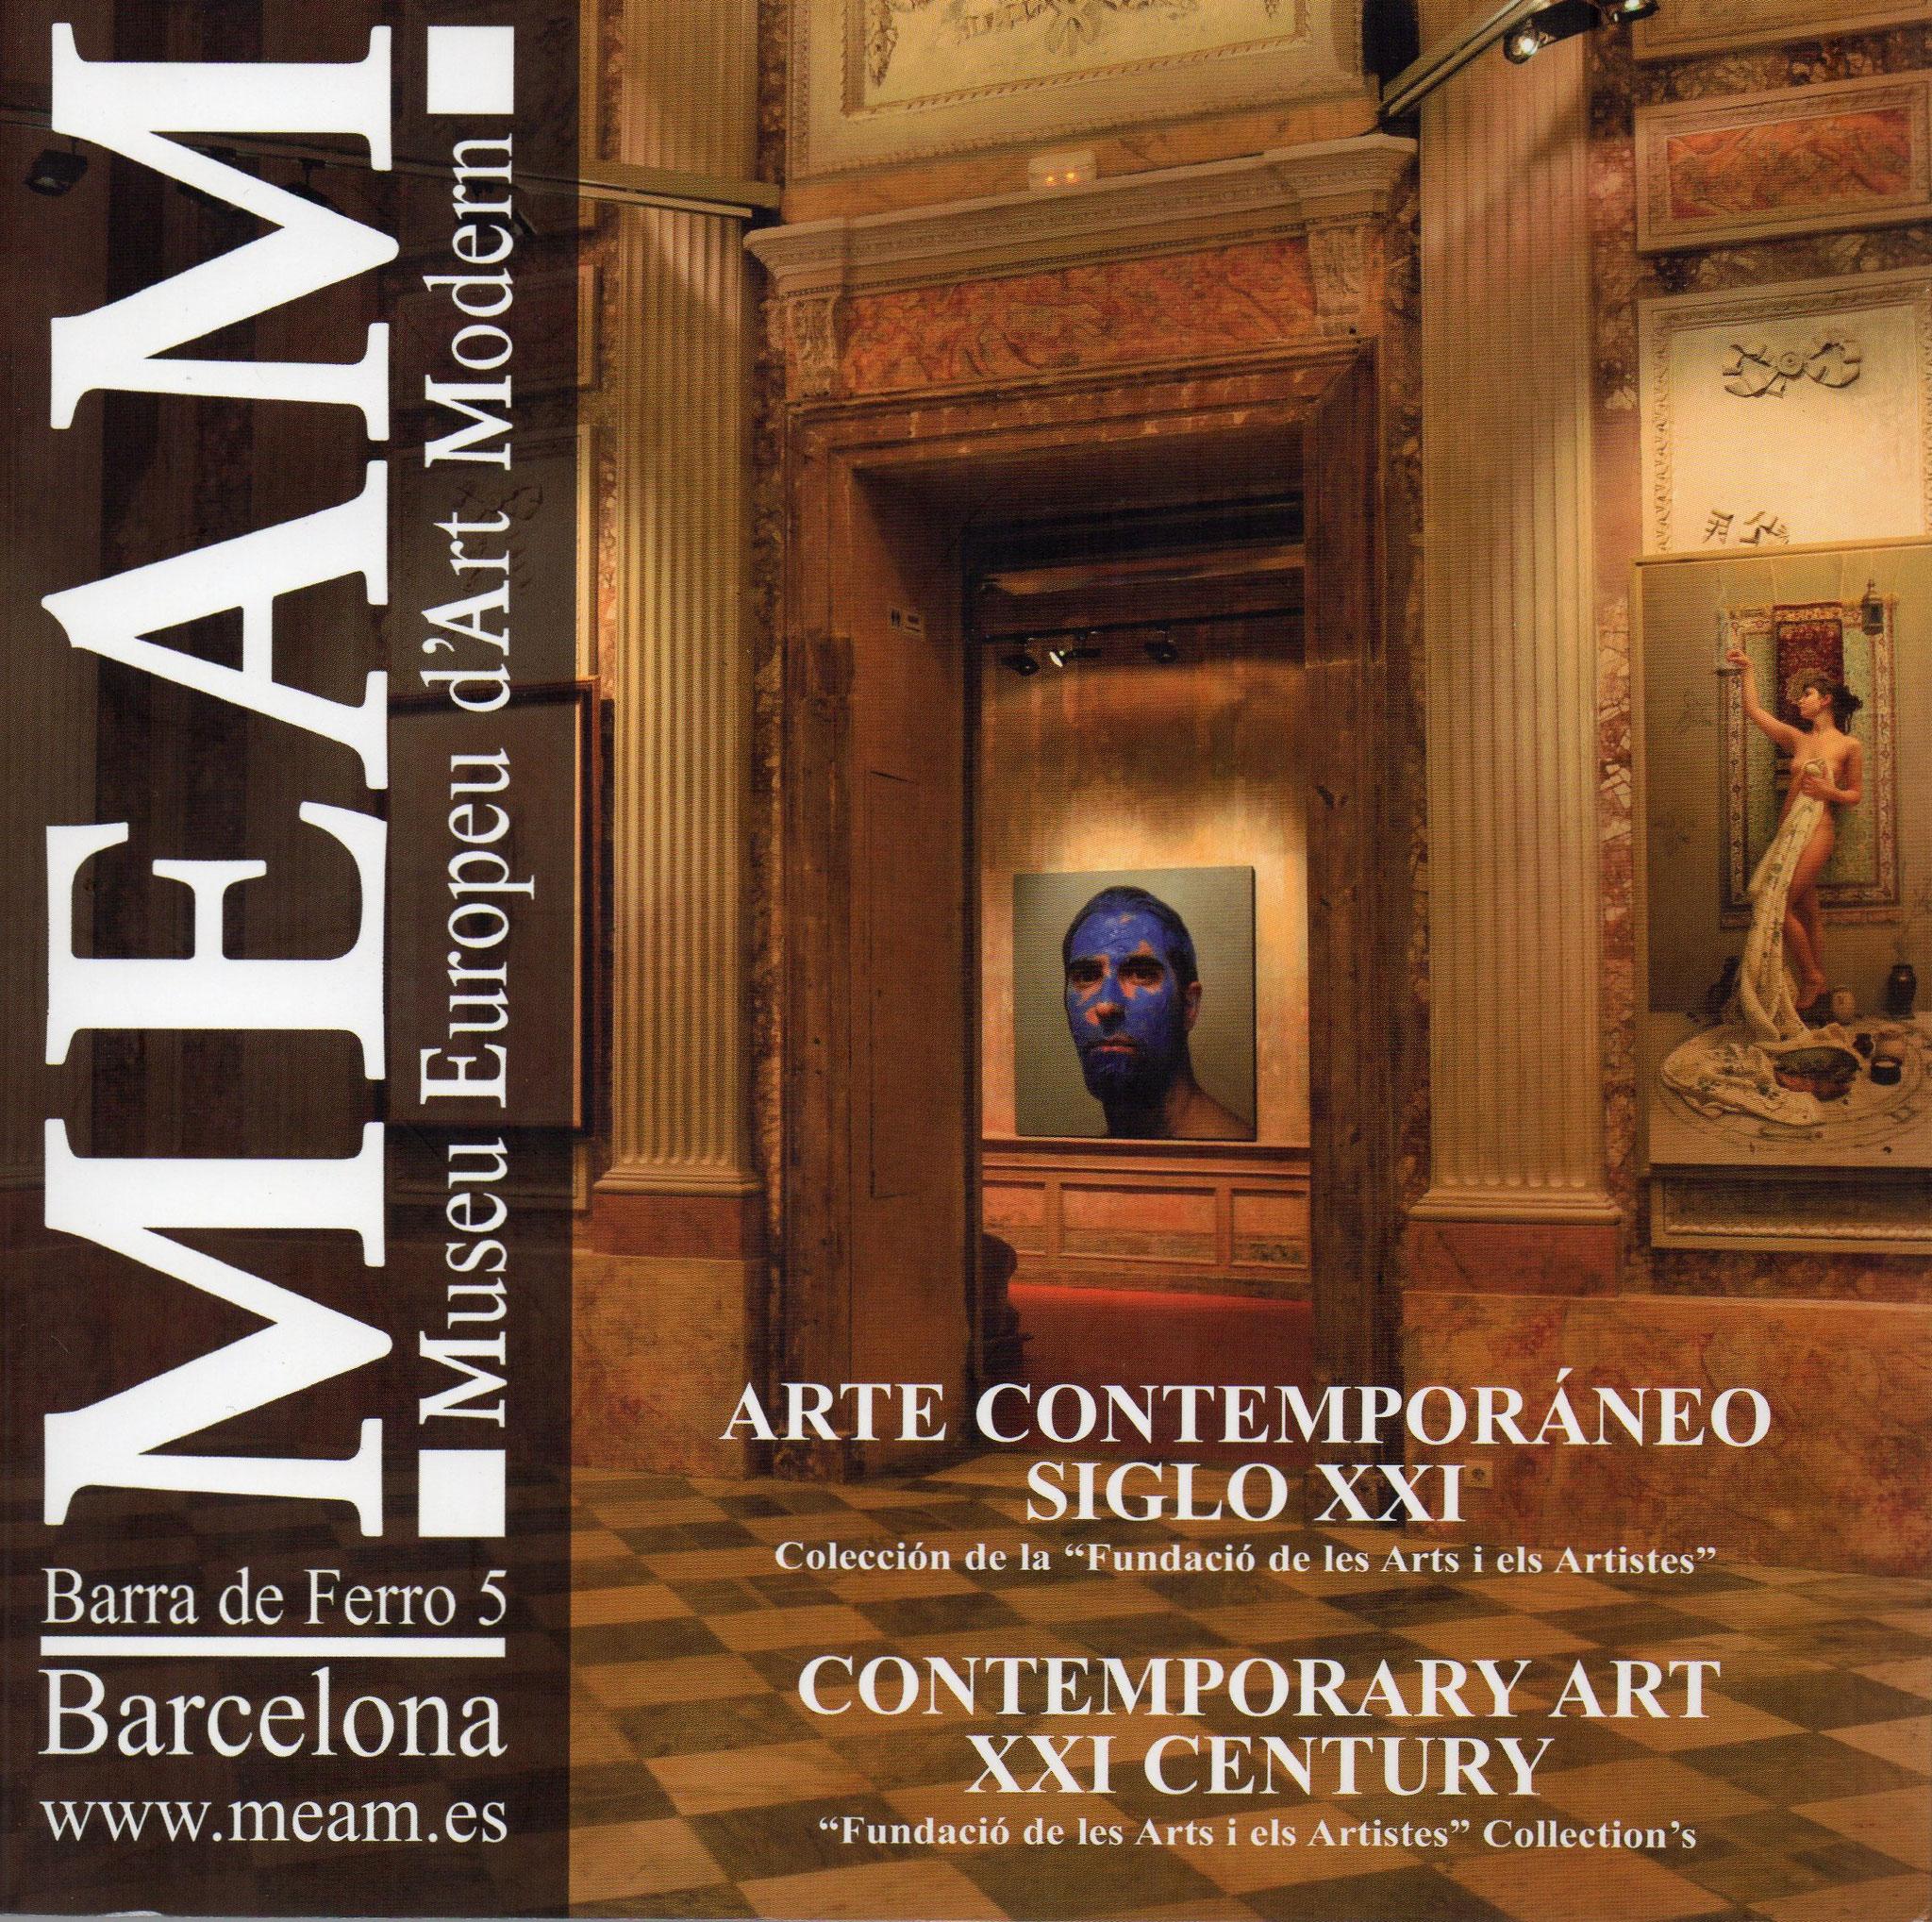 MEAM Catalogue / Catálogo MEAM